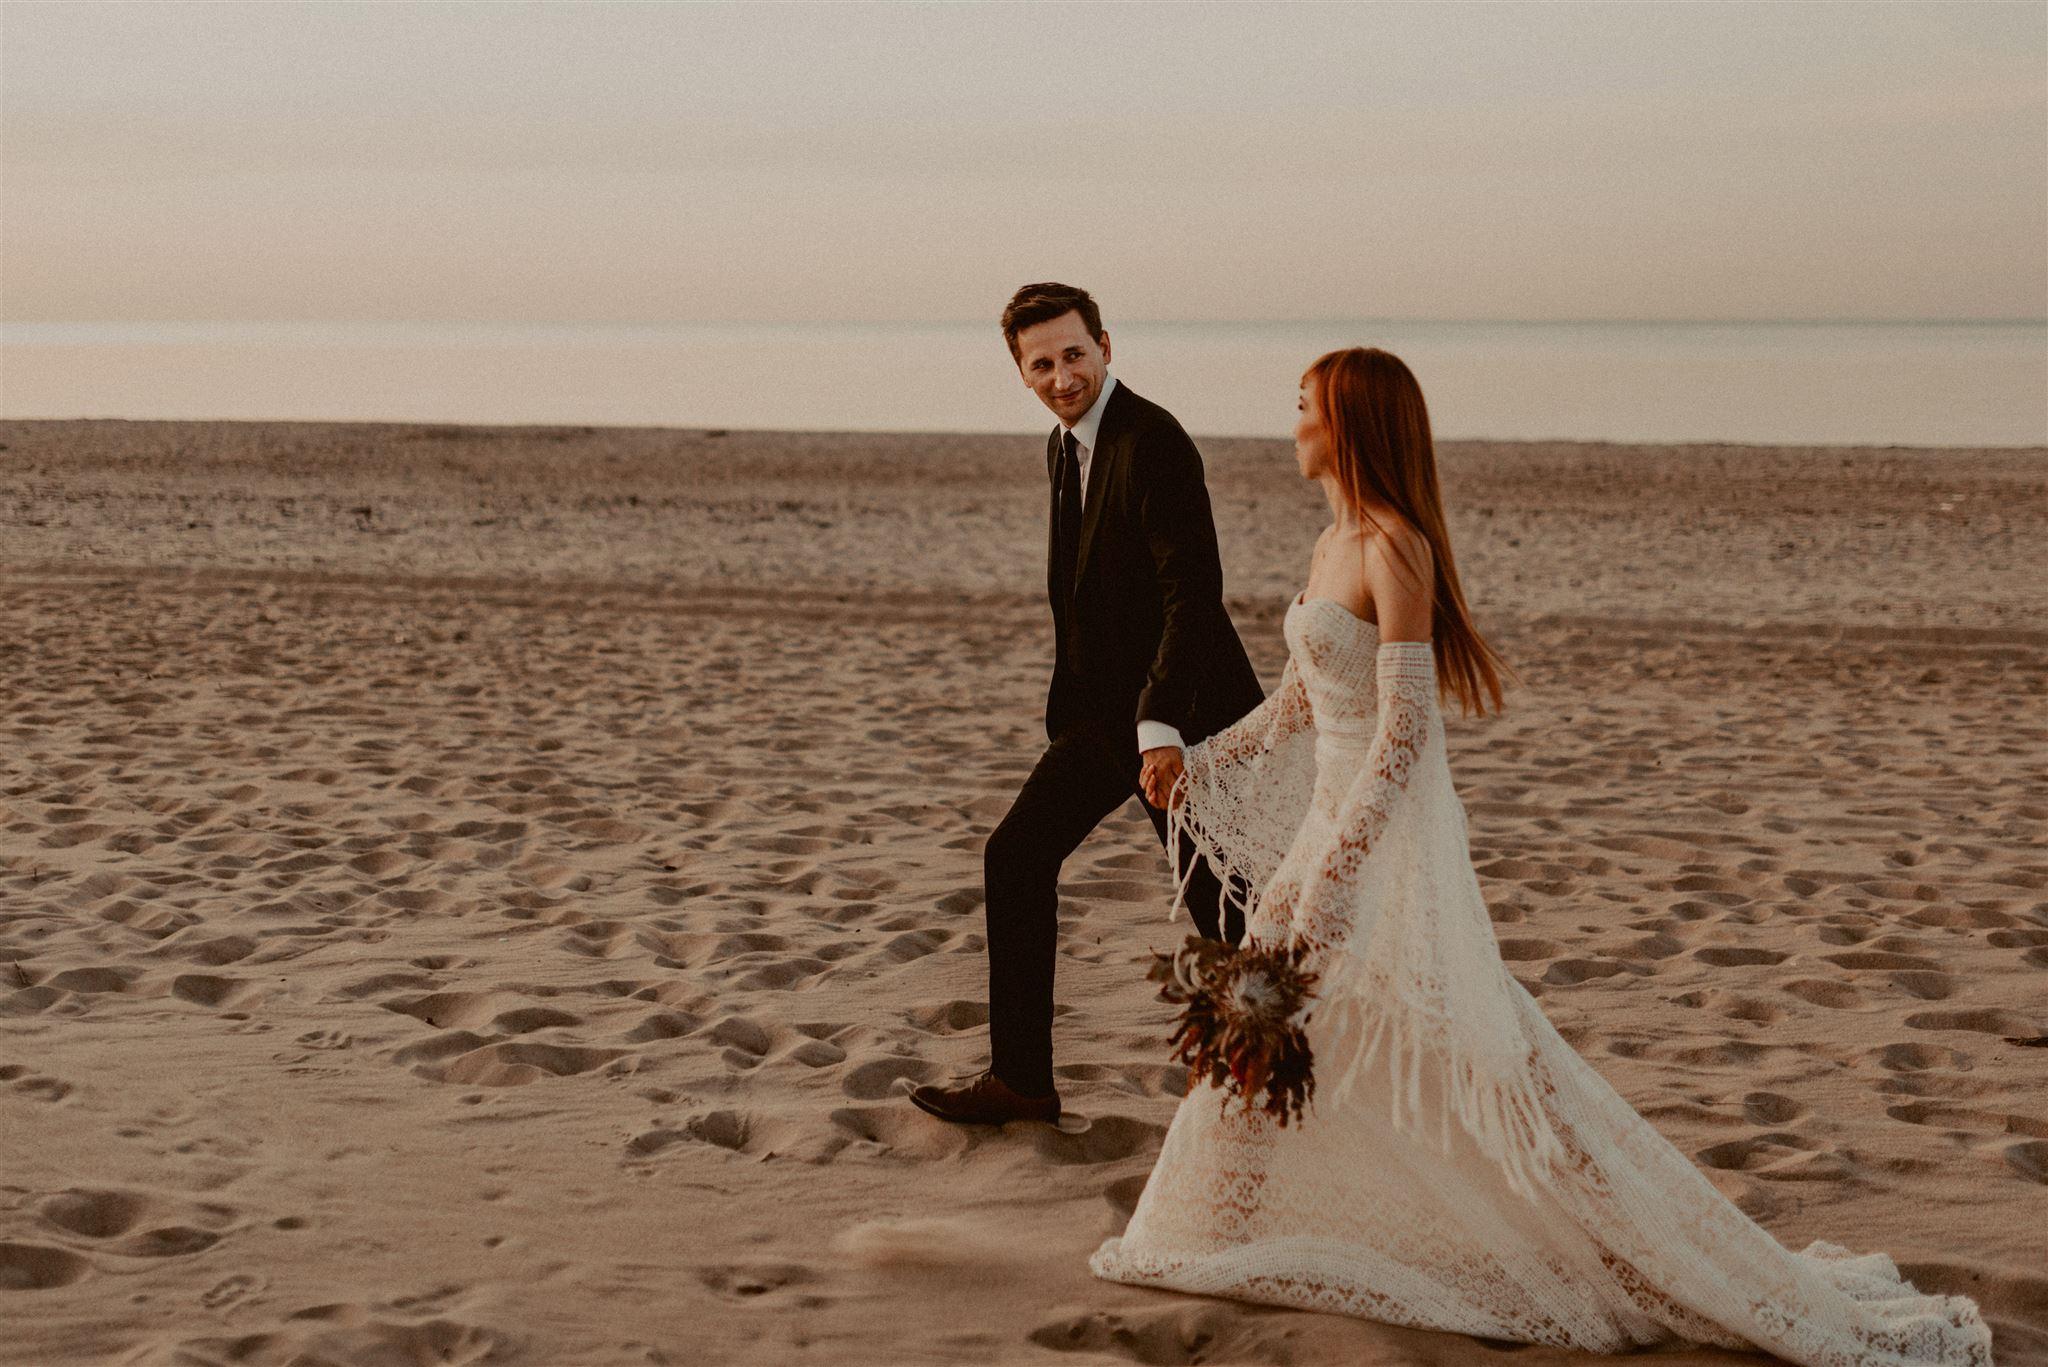 Nasza osobista sesja poślubna! 3 DSC 6311 websize